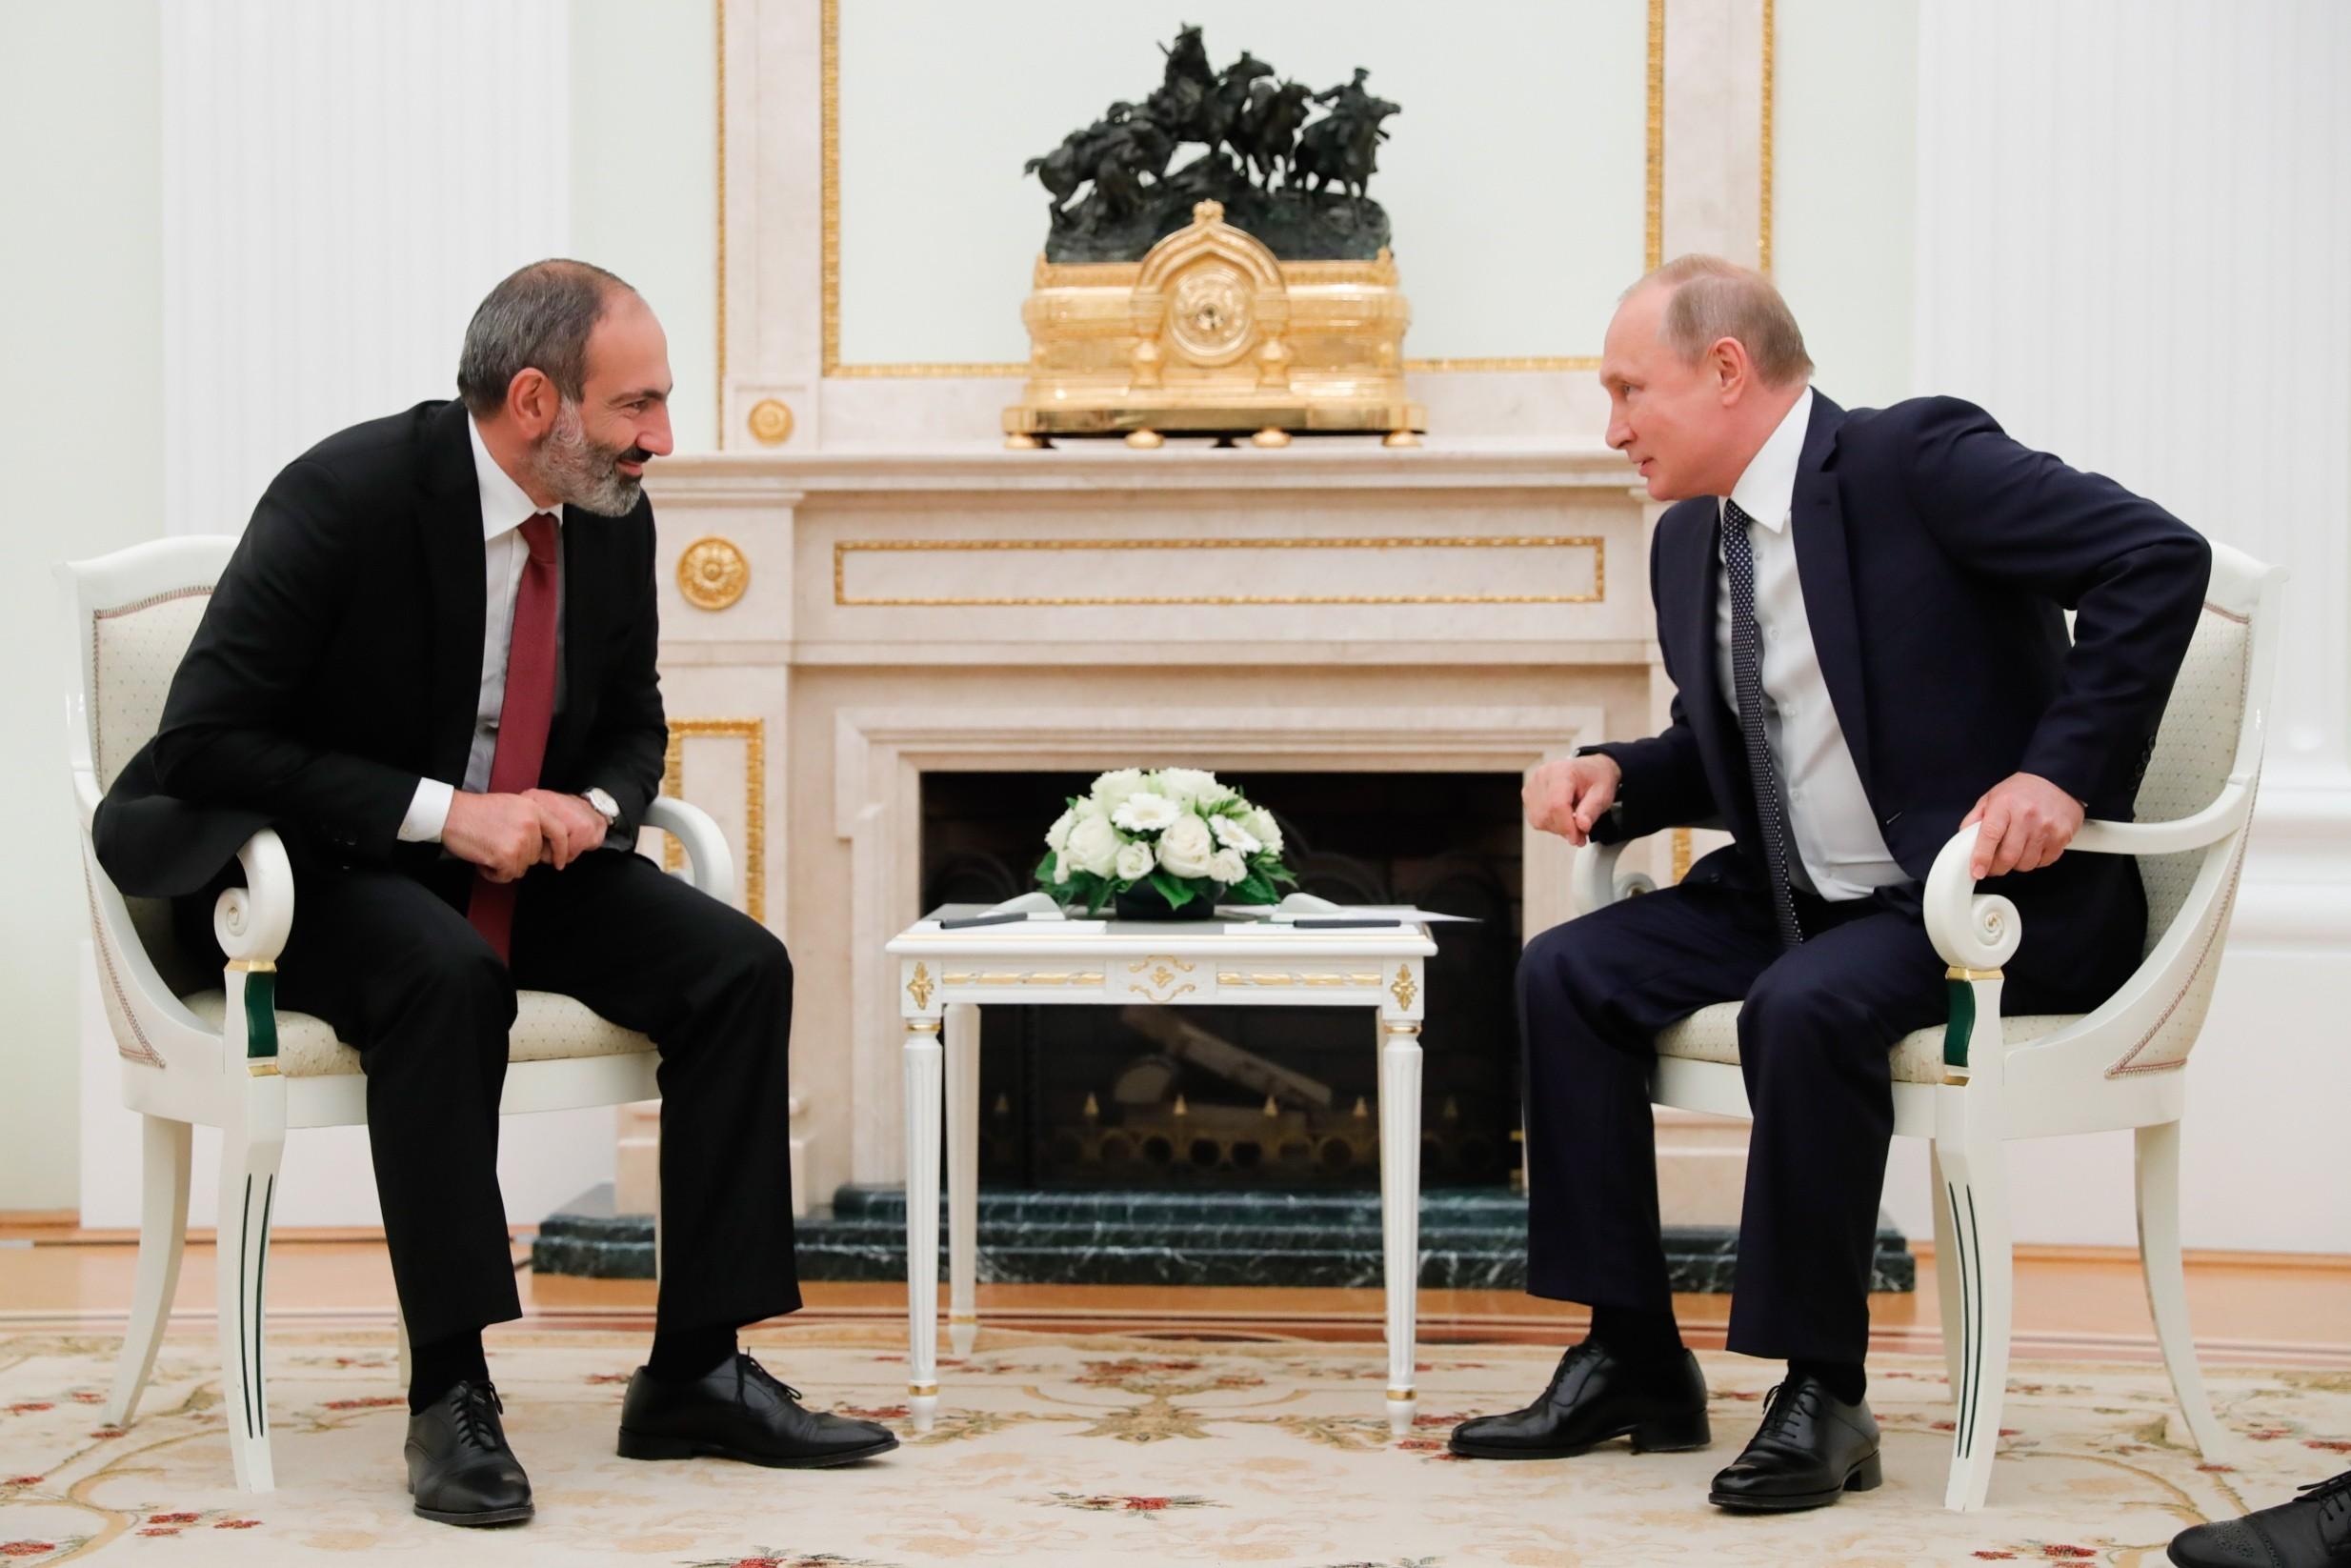 """0b08f2832d4 ... füüsiliselt ja materiaalselt Venemaale koormaks"""" ning seetõttu kui  """"armeenlased tahaksid maha hüpata"""", siis see oleks """"Venemaale kergenduseks""""."""